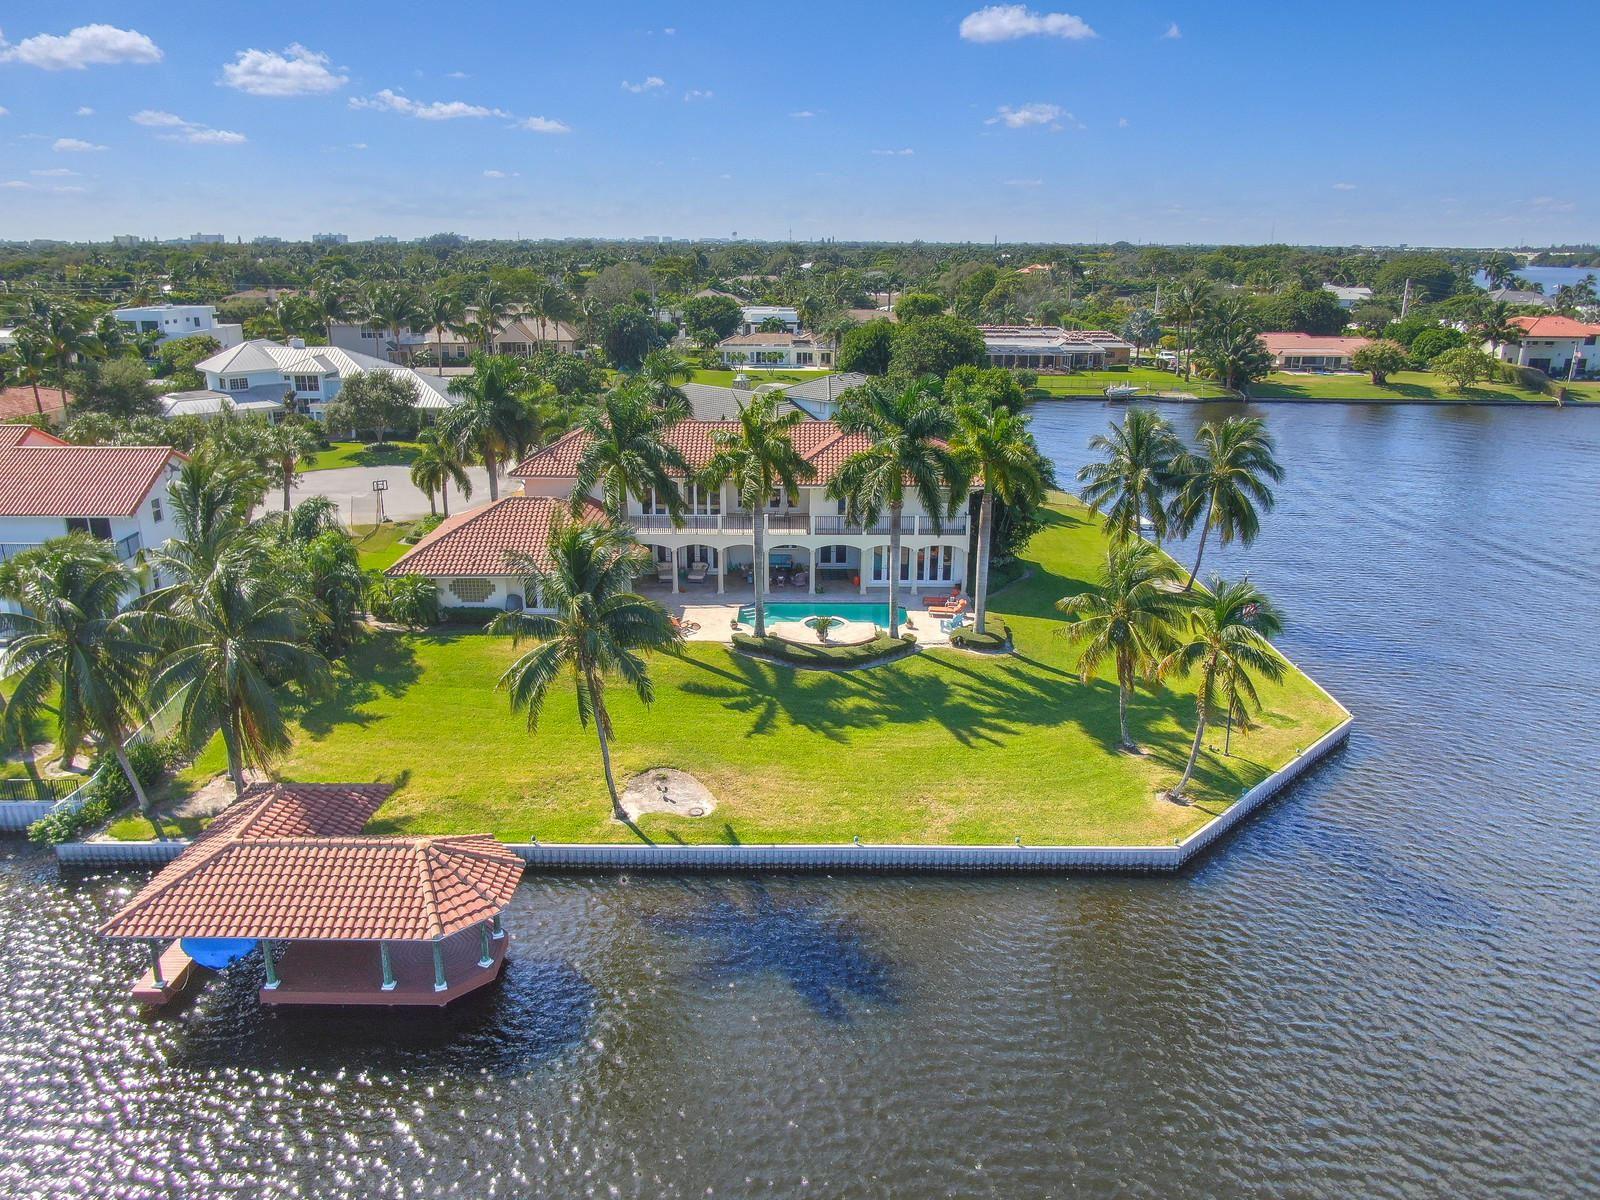 315 Lake Eden Way, Delray Beach, FL 33444 - MLS#: RX-10737006